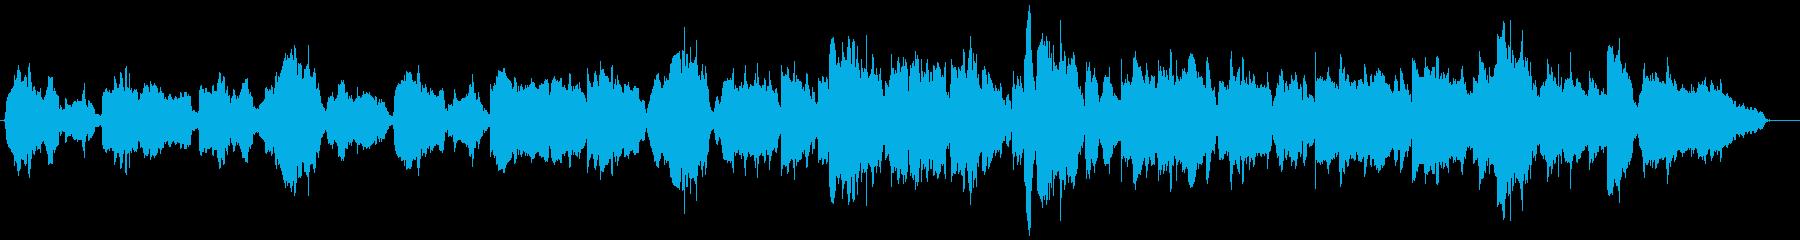 生演奏 尺八が奏でる和み系な曲の再生済みの波形